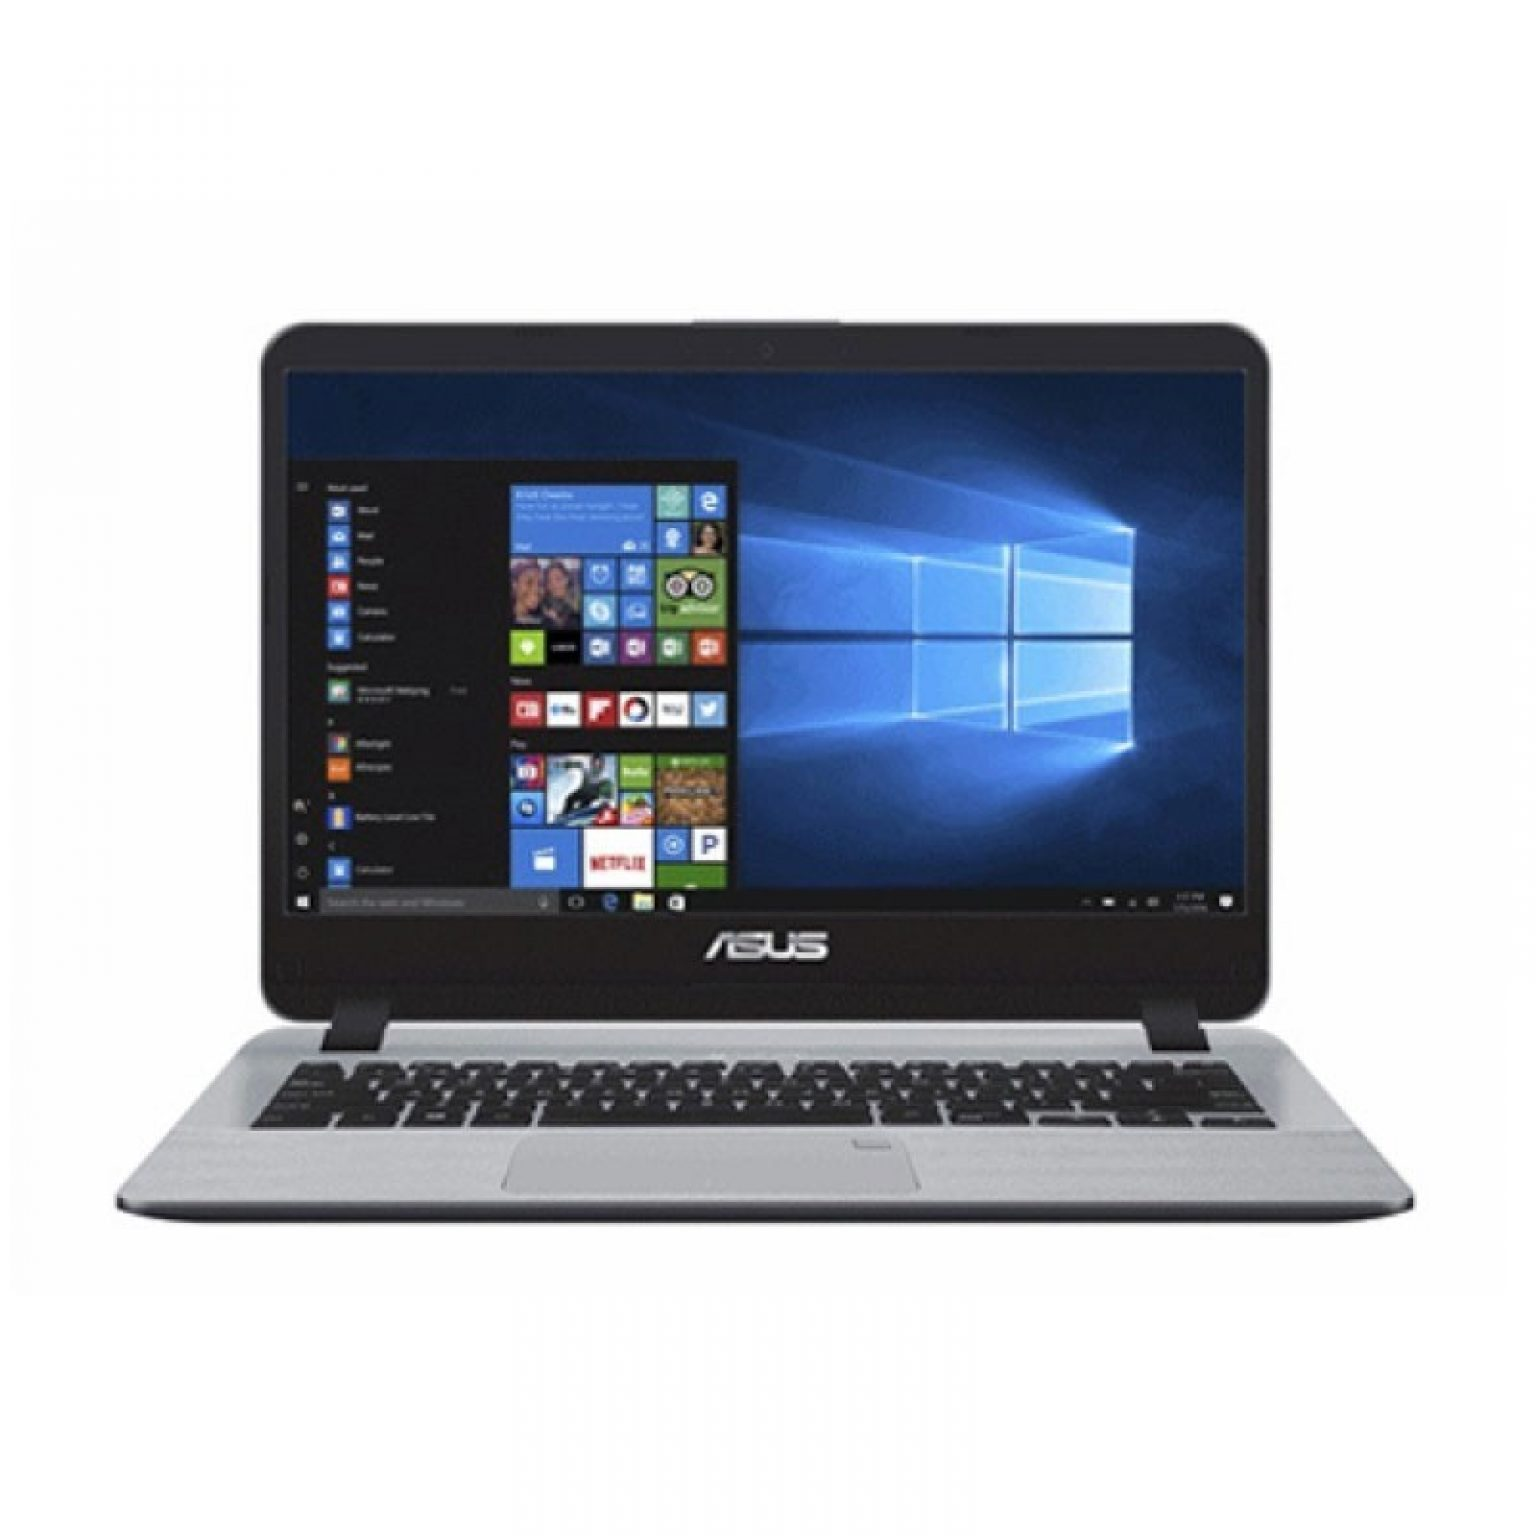 ASUS - A407UF-EB701T (i7-8550U/8GB RAM/1TB HDD/MX130/14inch/Win10SL/Star Grey)